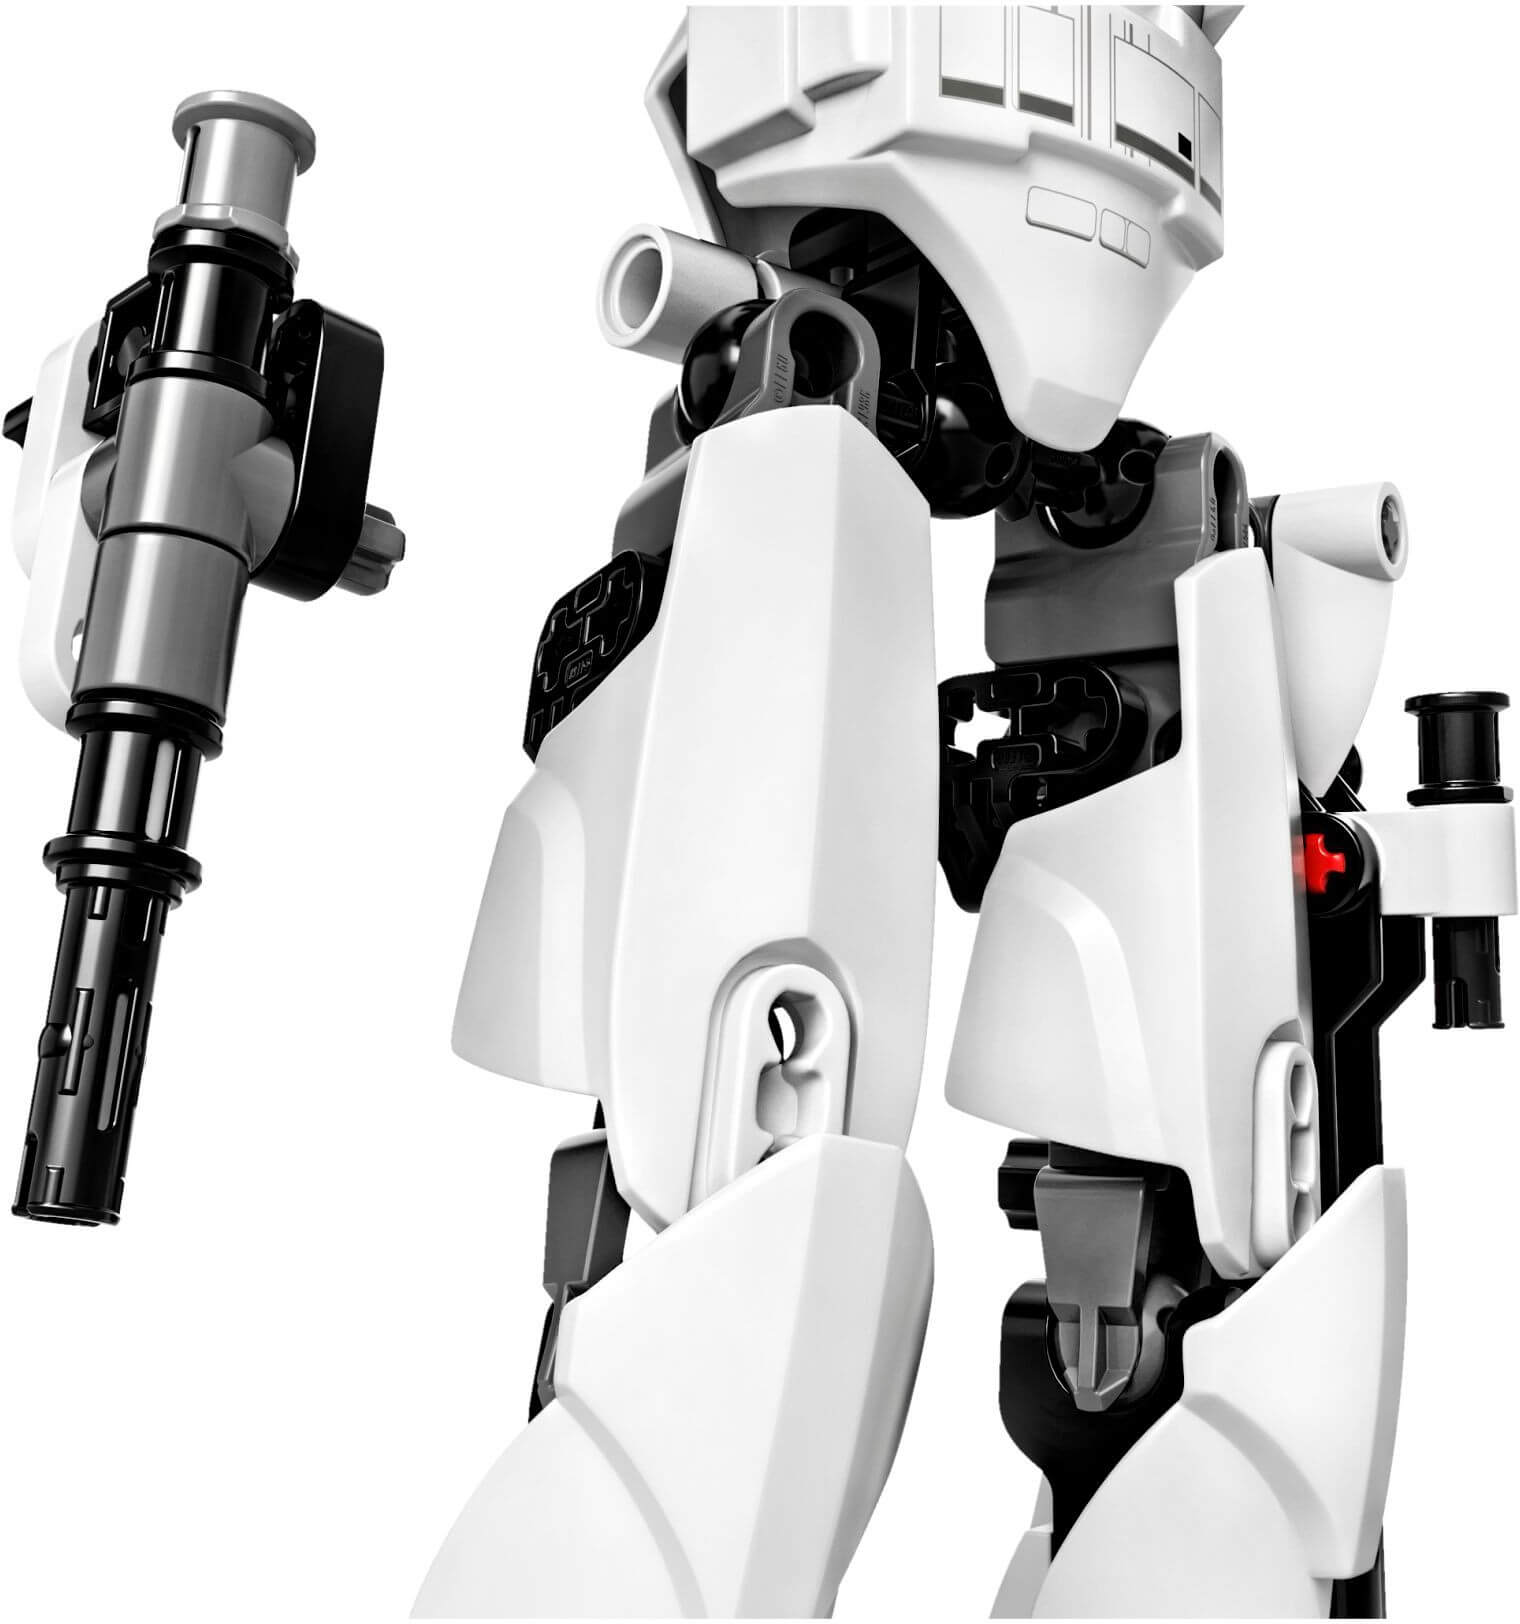 Mua đồ chơi LEGO 75114 - LEGO Star Wars 75114 - First Order Stormtrooper (LEGO Star Wars First Order Stormtrooper 75114)